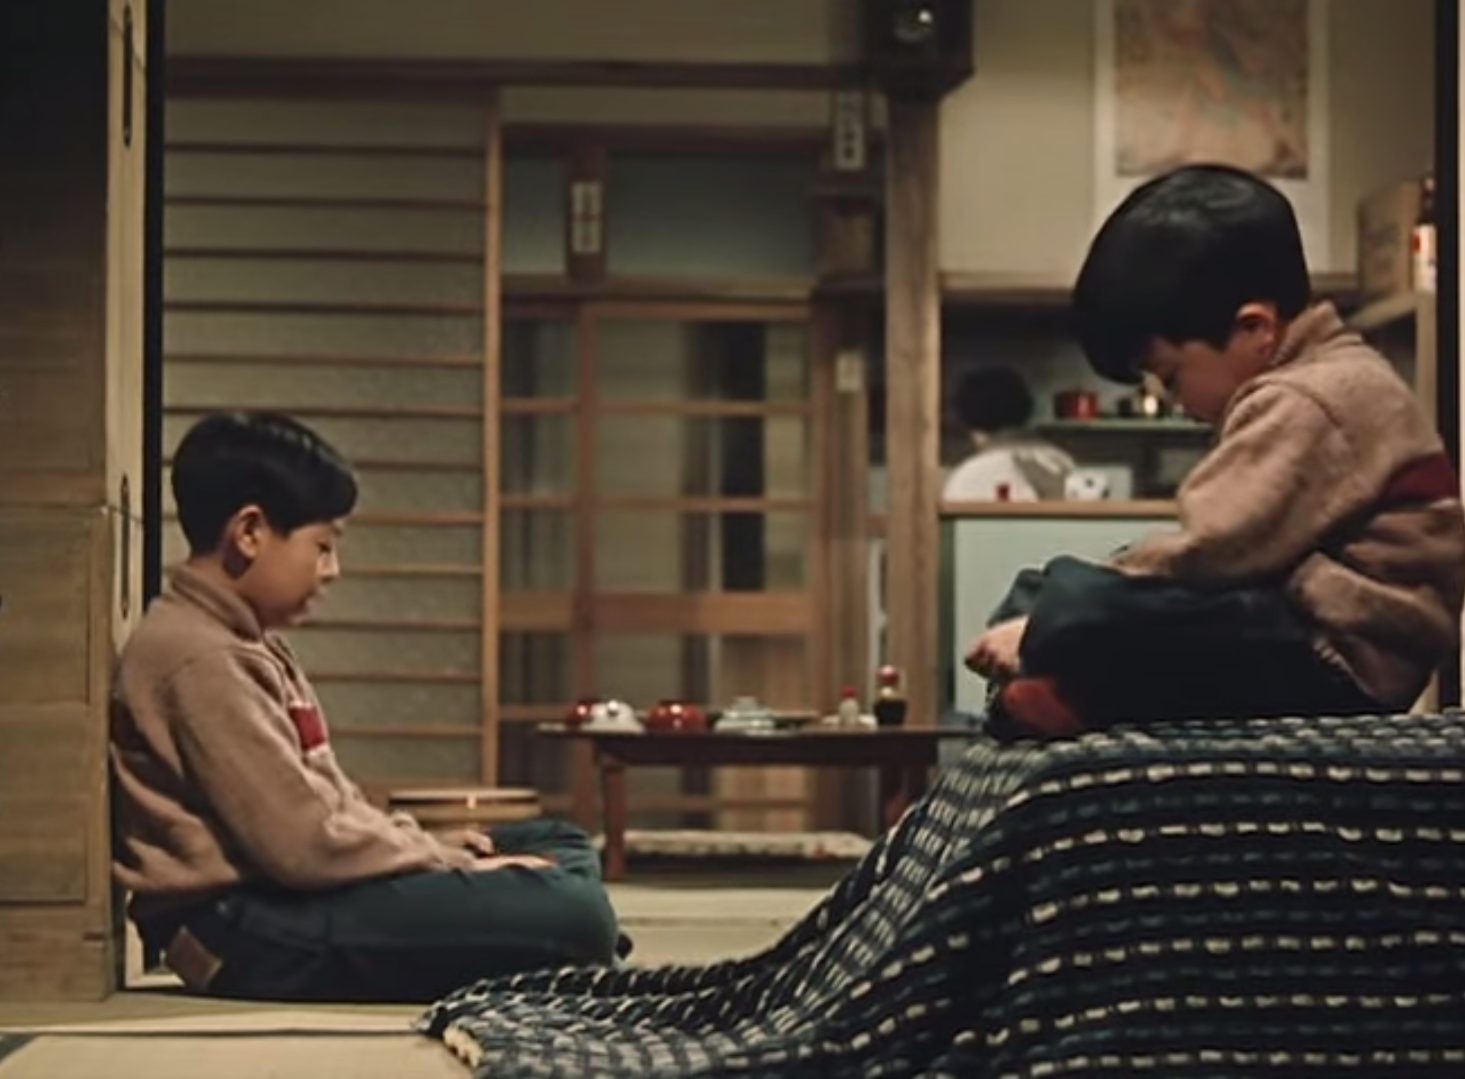 Buenos Días, Ozu-san